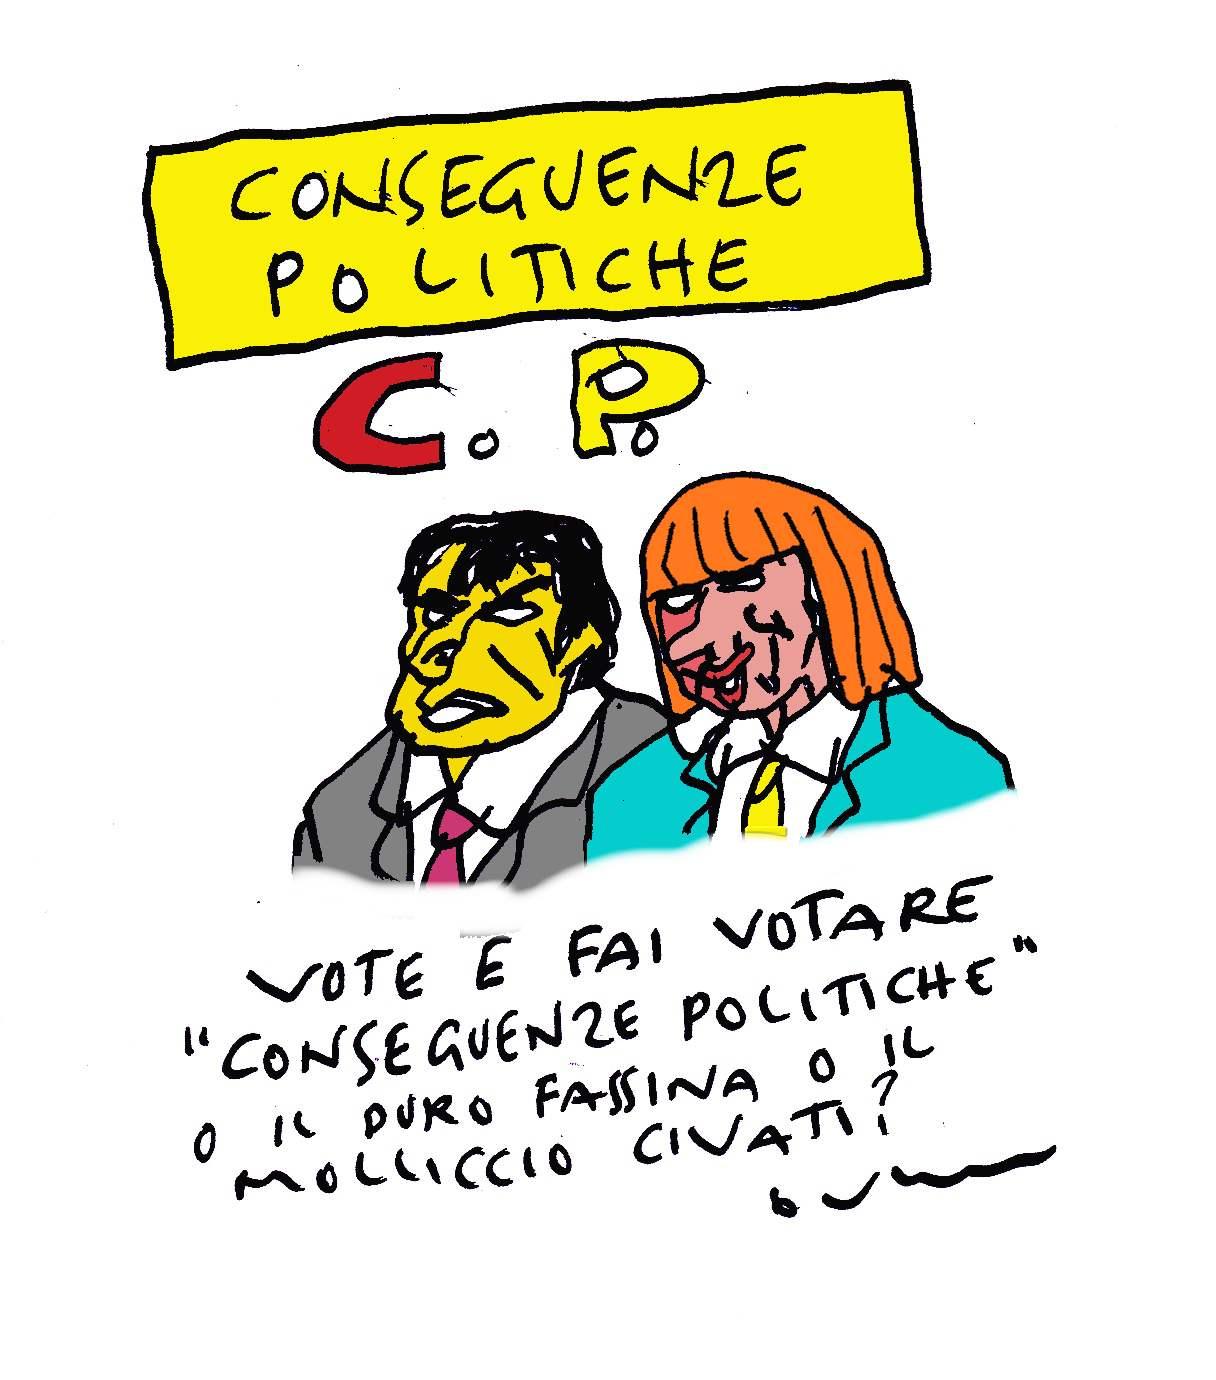 cp cons poKl